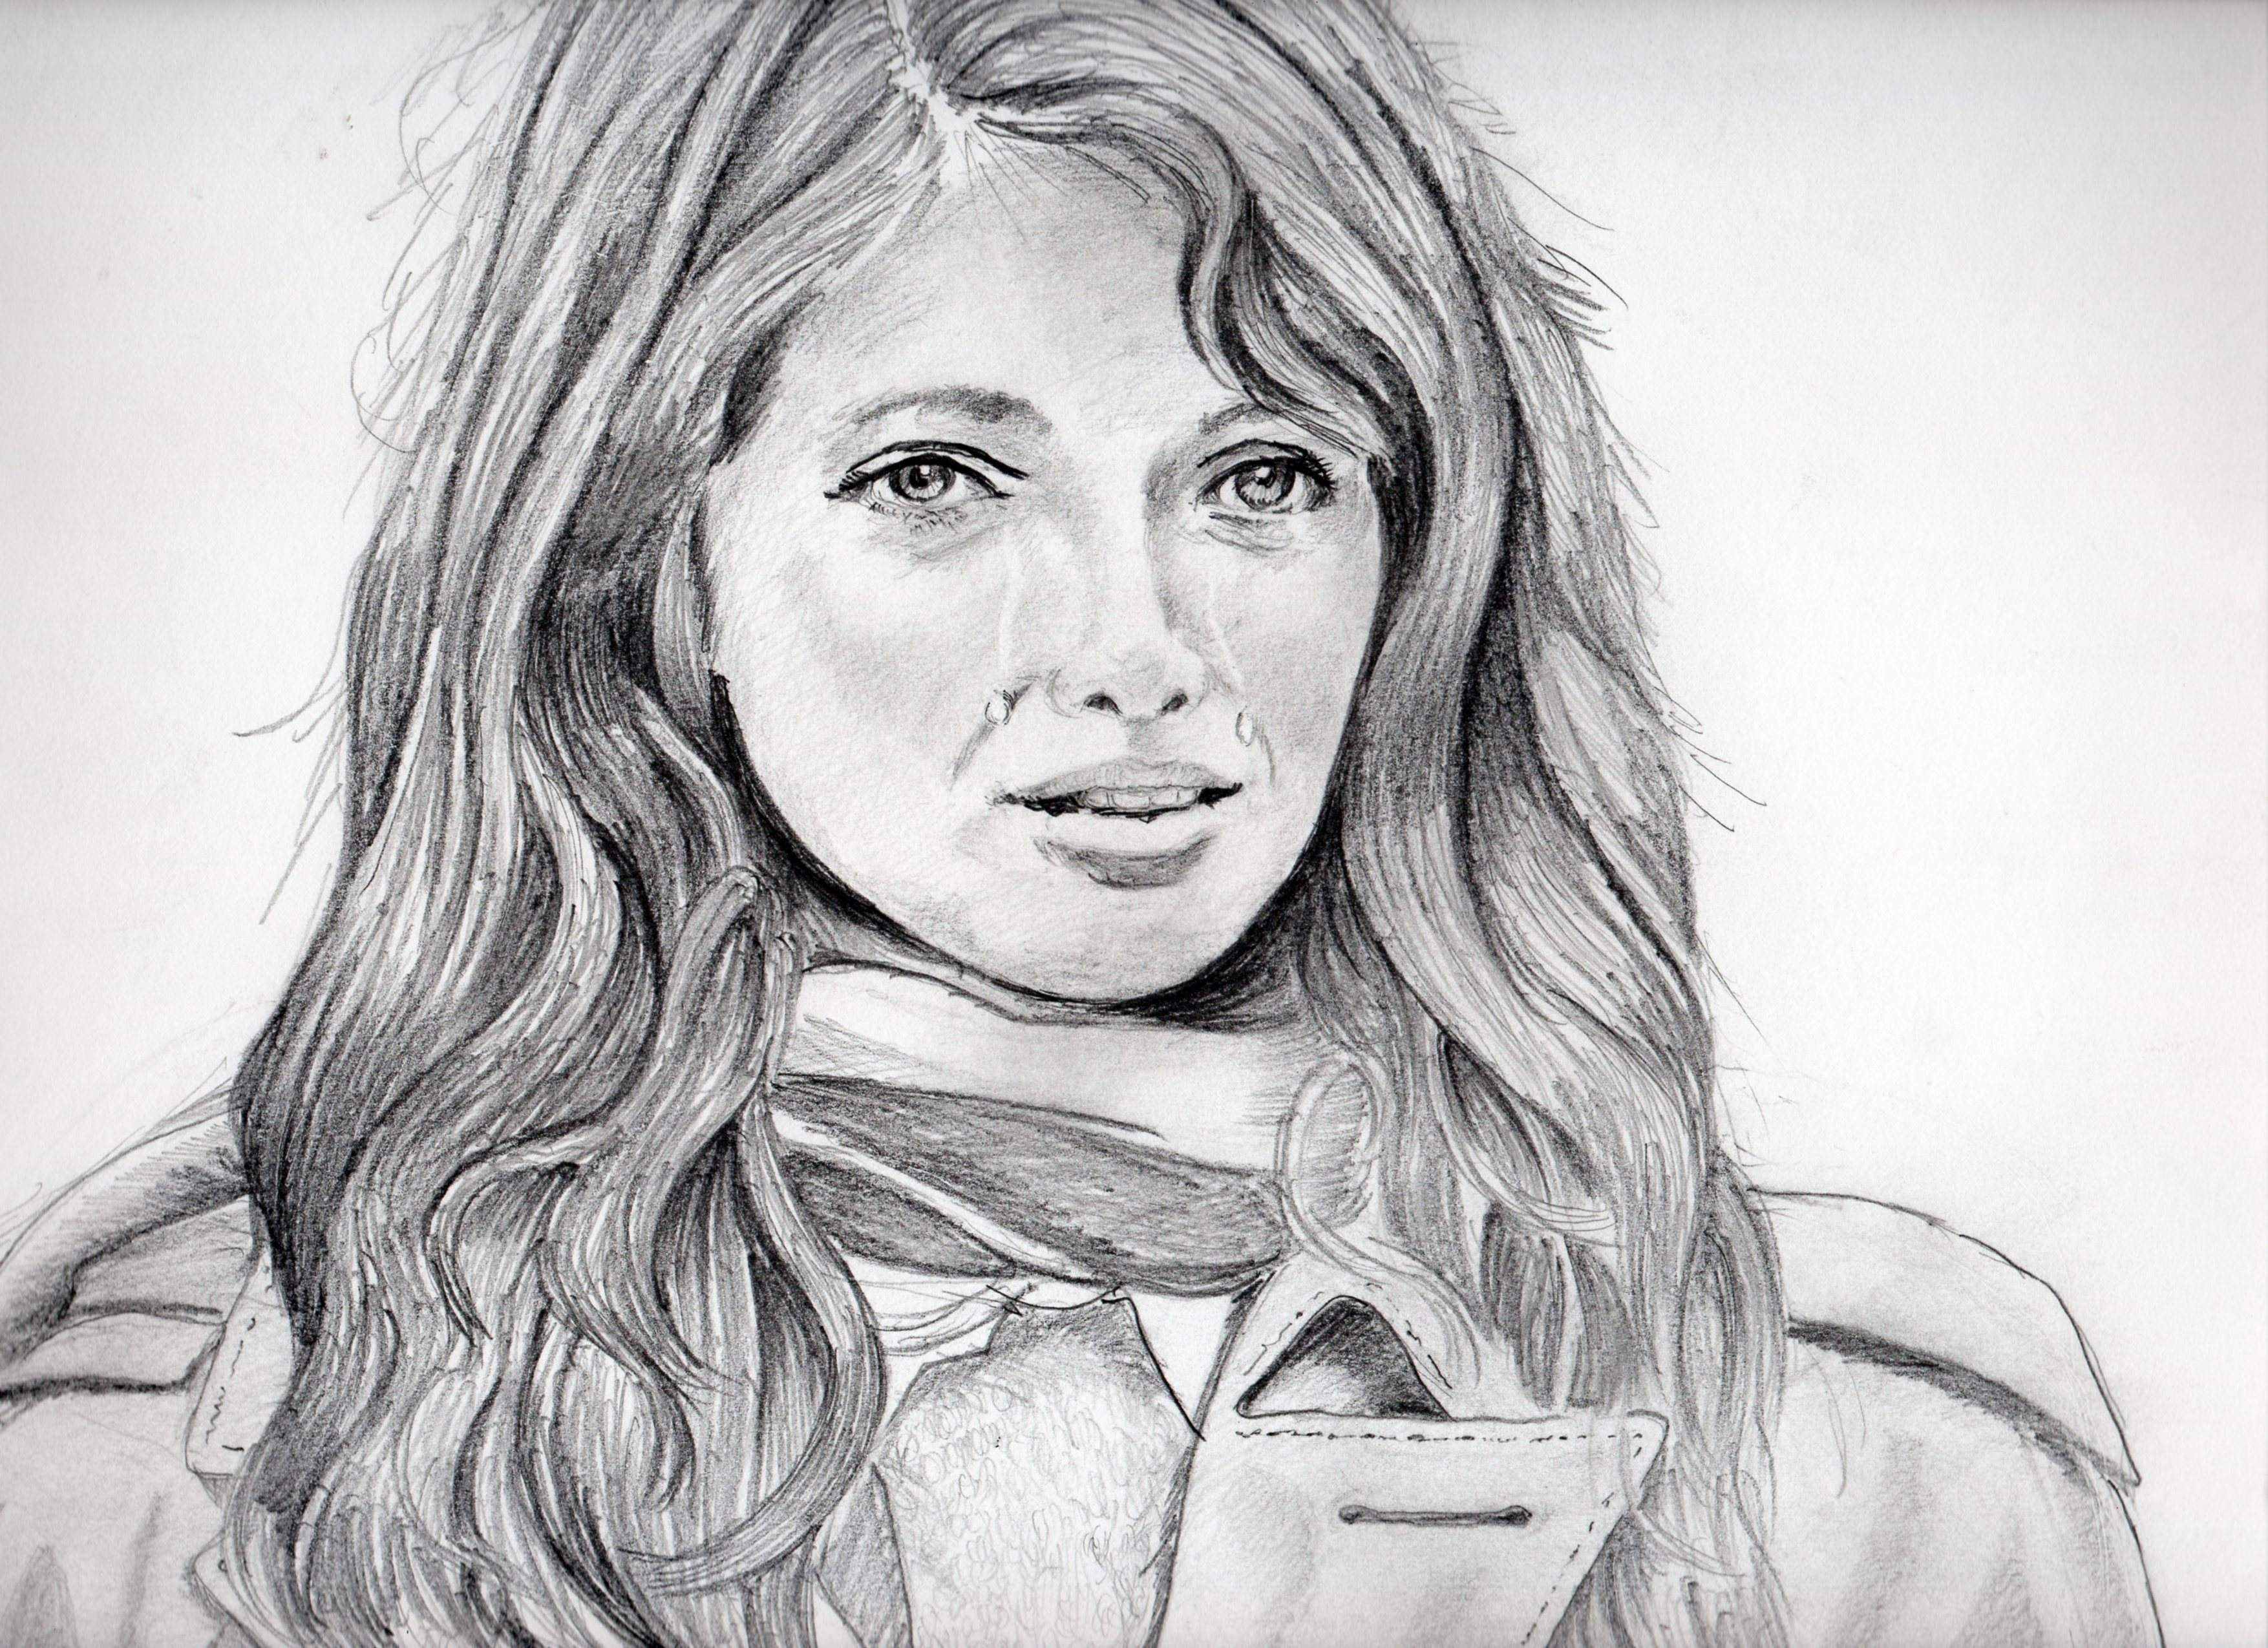 ジョアンナ・シムカスの鉛筆画似顔絵、ジョアンナ・シムカスのリアル鉛筆画似顔絵